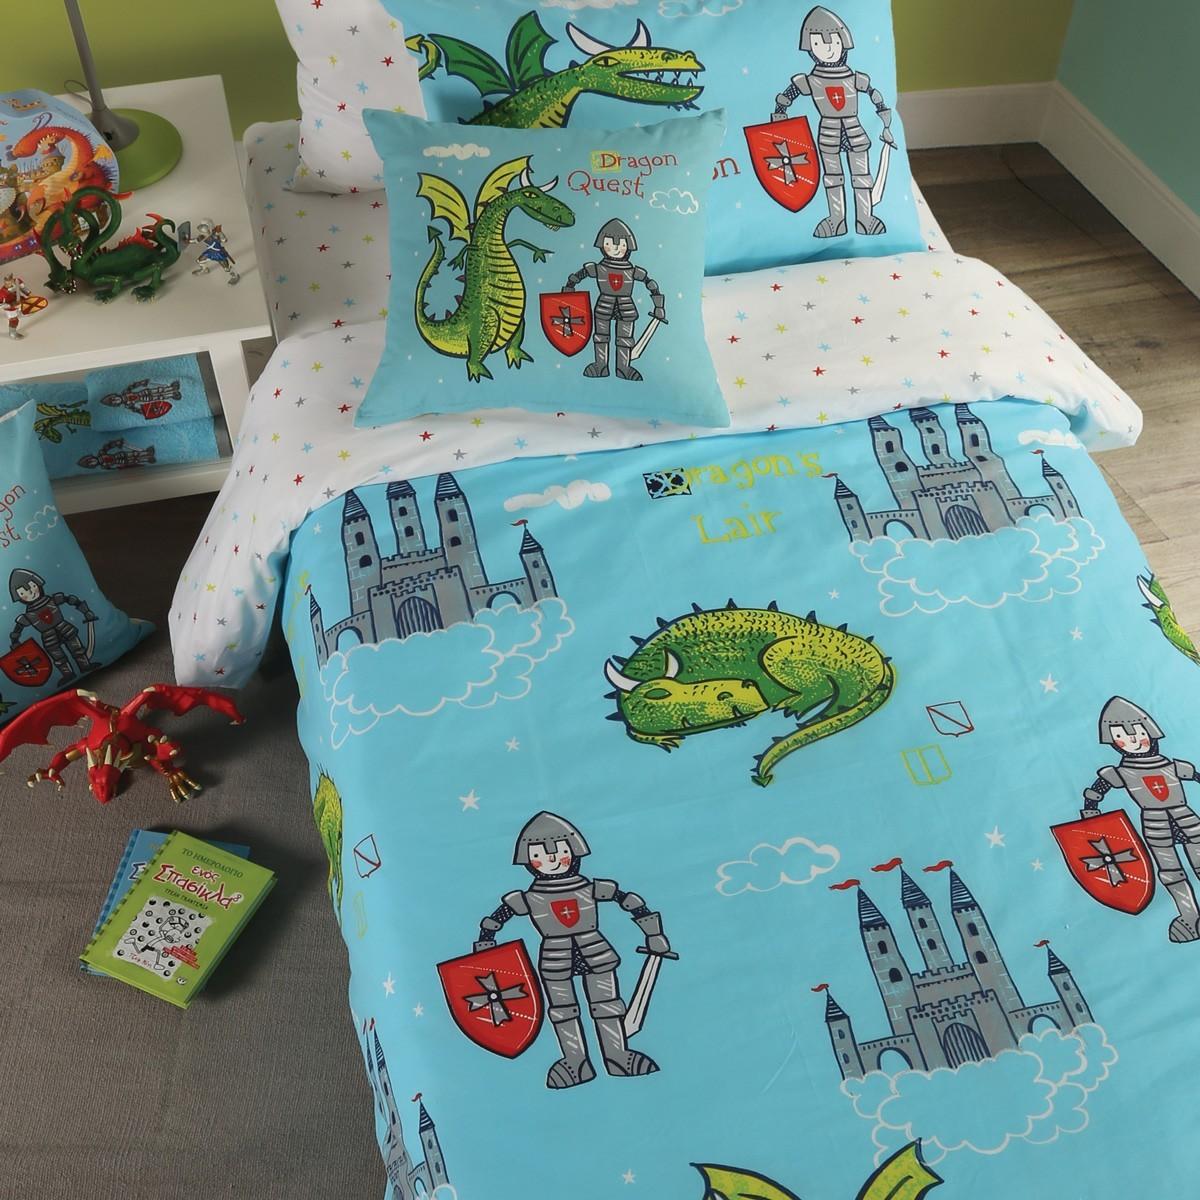 Κουβέρτα Πικέ Μονή Nef-Nef Junior Dragon Quest home   παιδικά   κουβέρτες παιδικές   κουβέρτες καλοκαιρινές